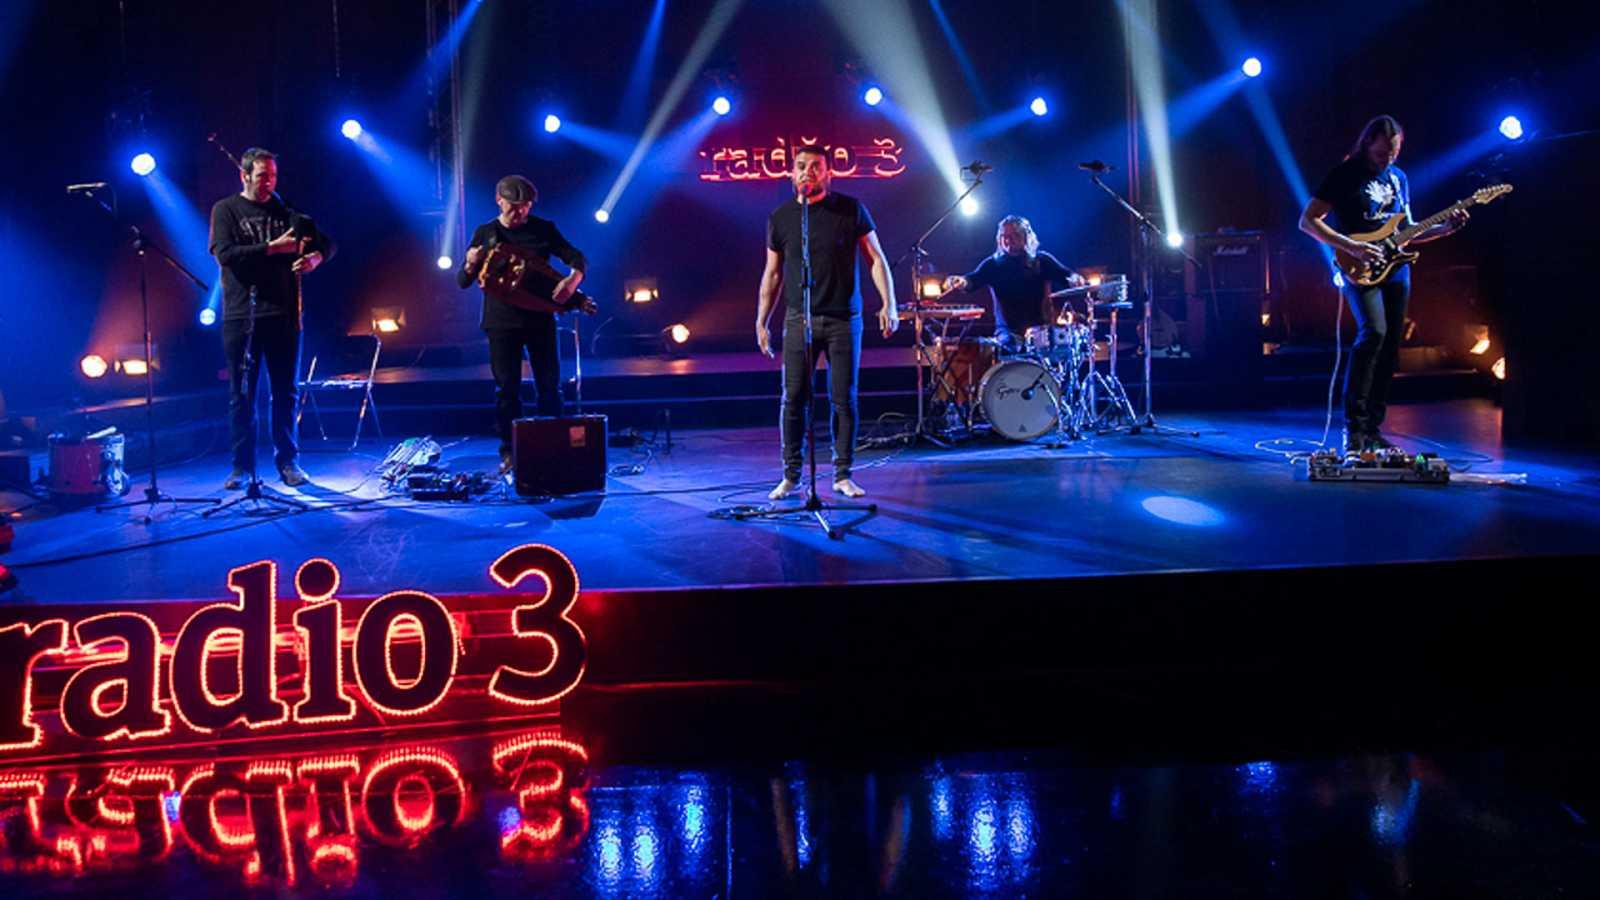 Los conciertos de Radio 3 - Tündra - ver ahora